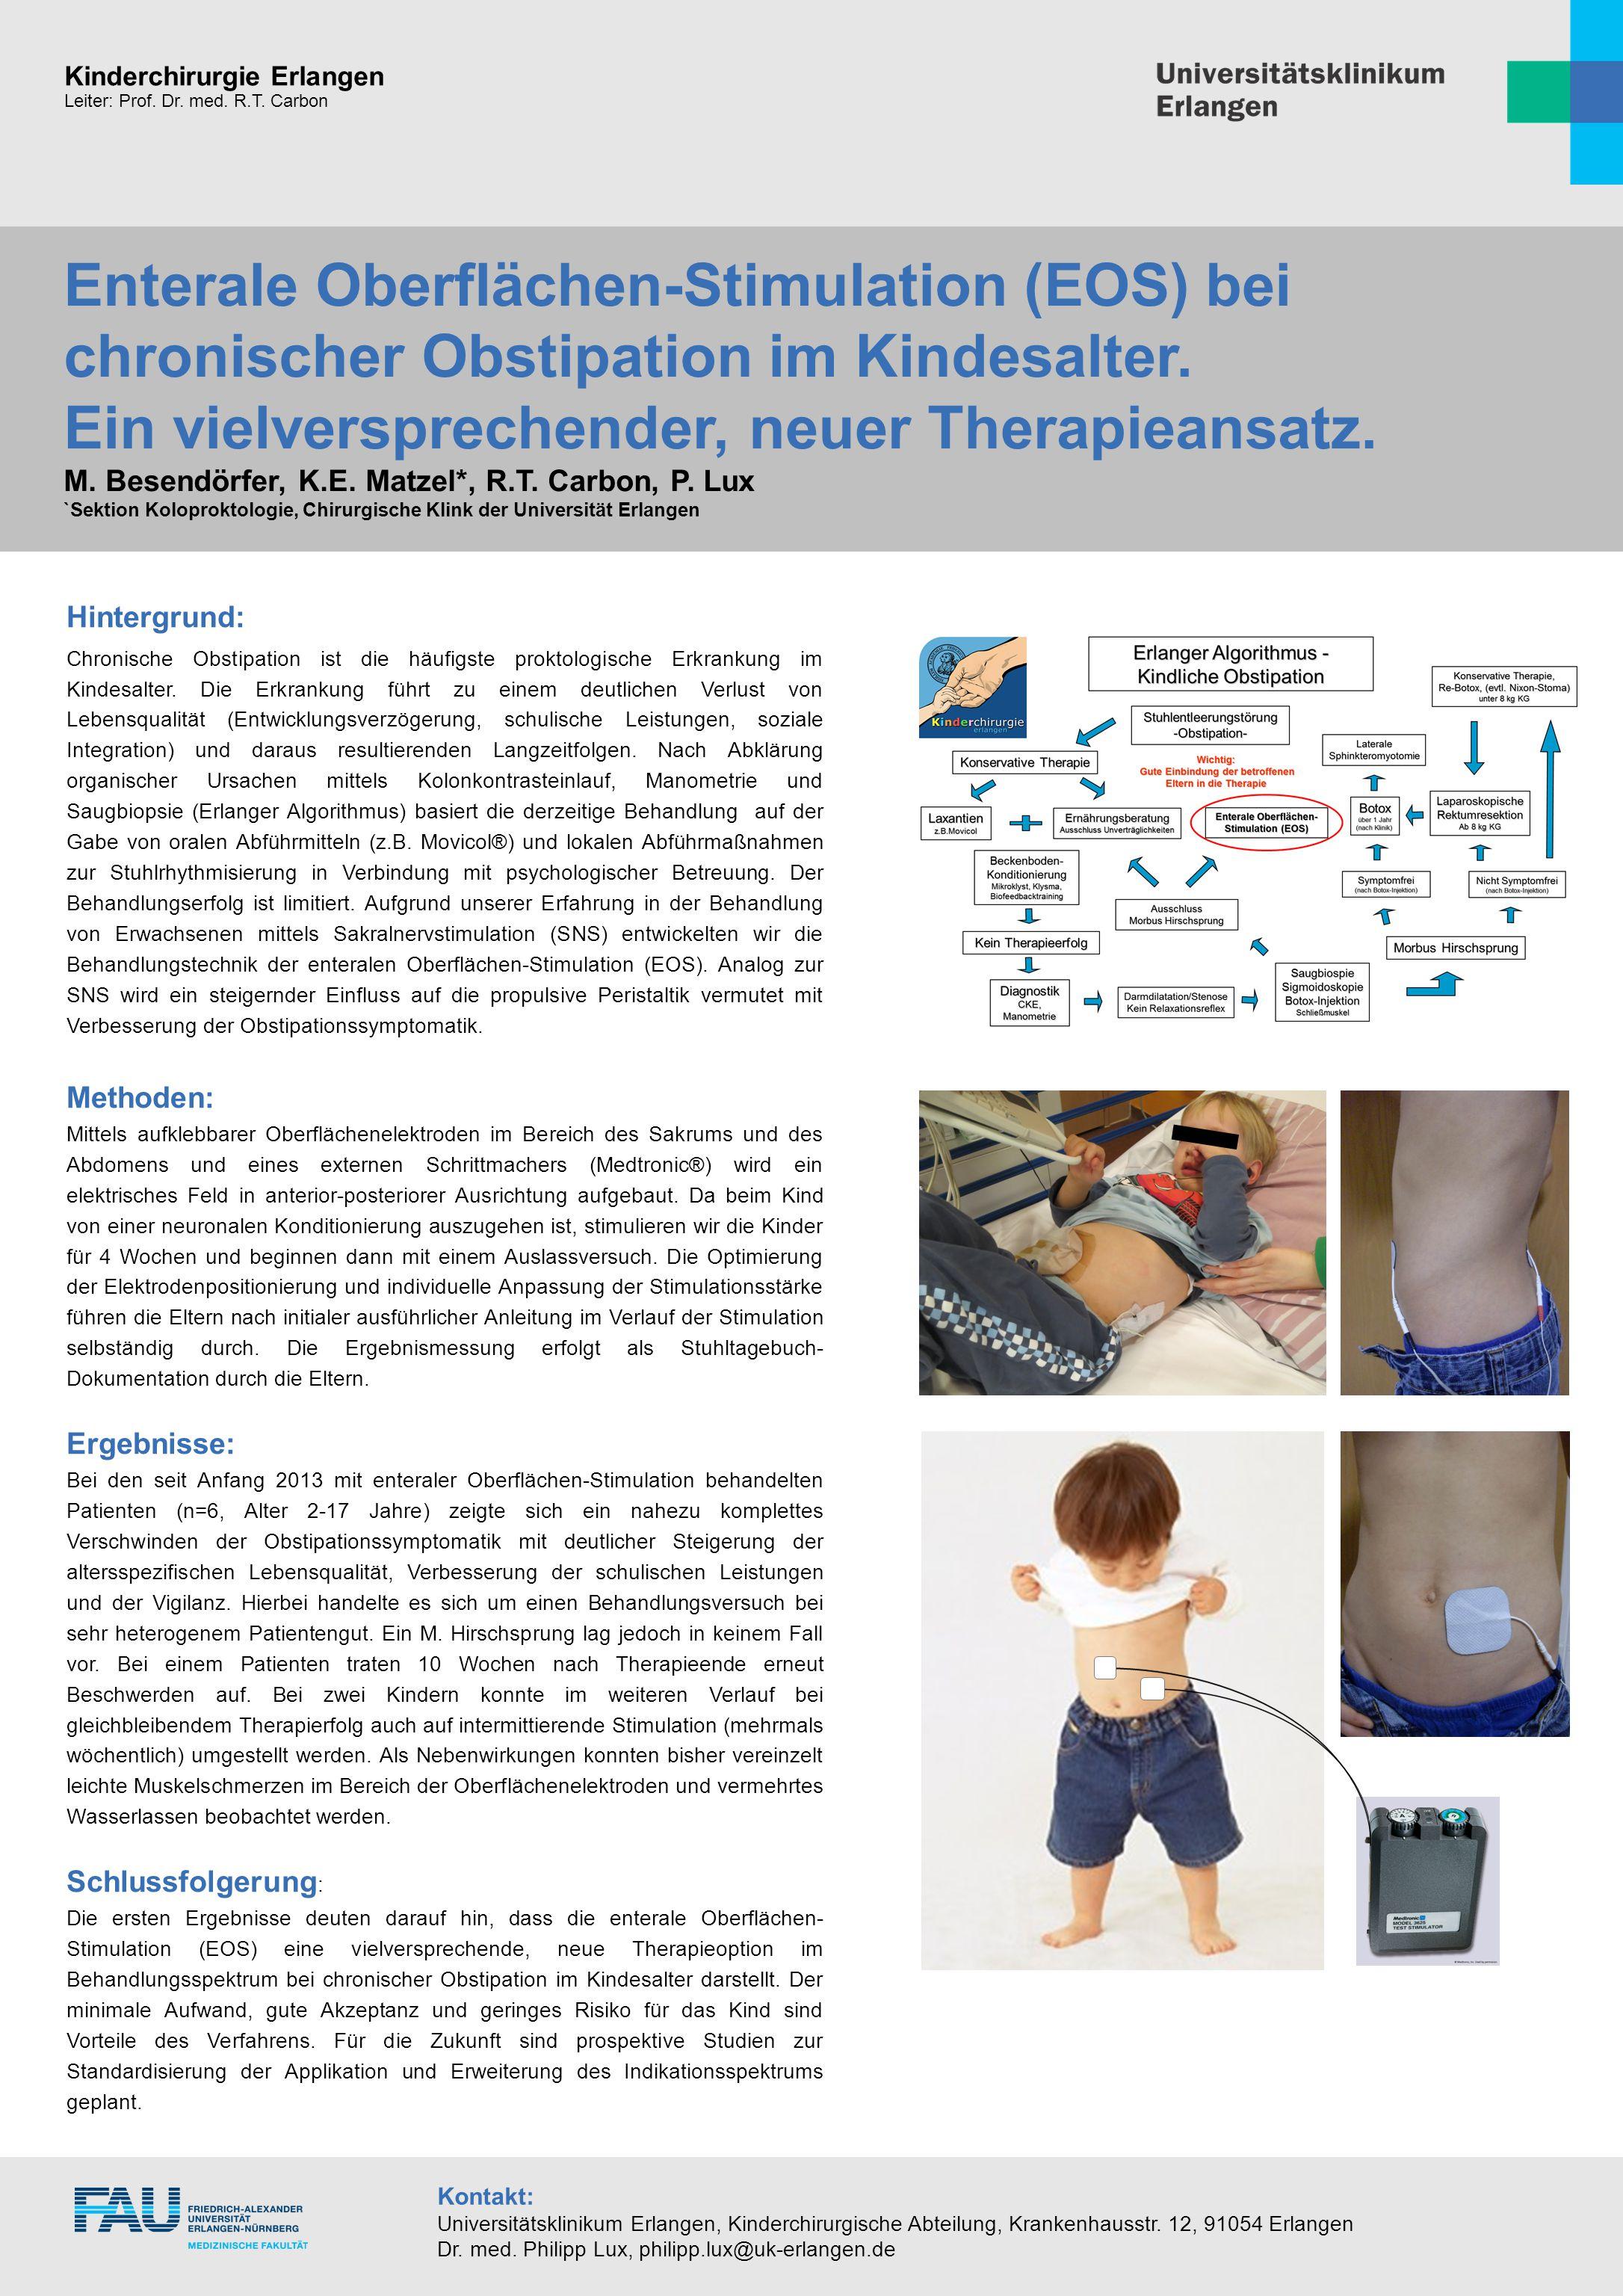 Kinderchirurgie Erlangen Leiter: Prof. Dr. med. R.T. Carbon Hintergrund: Chronische Obstipation ist die häufigste proktologische Erkrankung im Kindesa